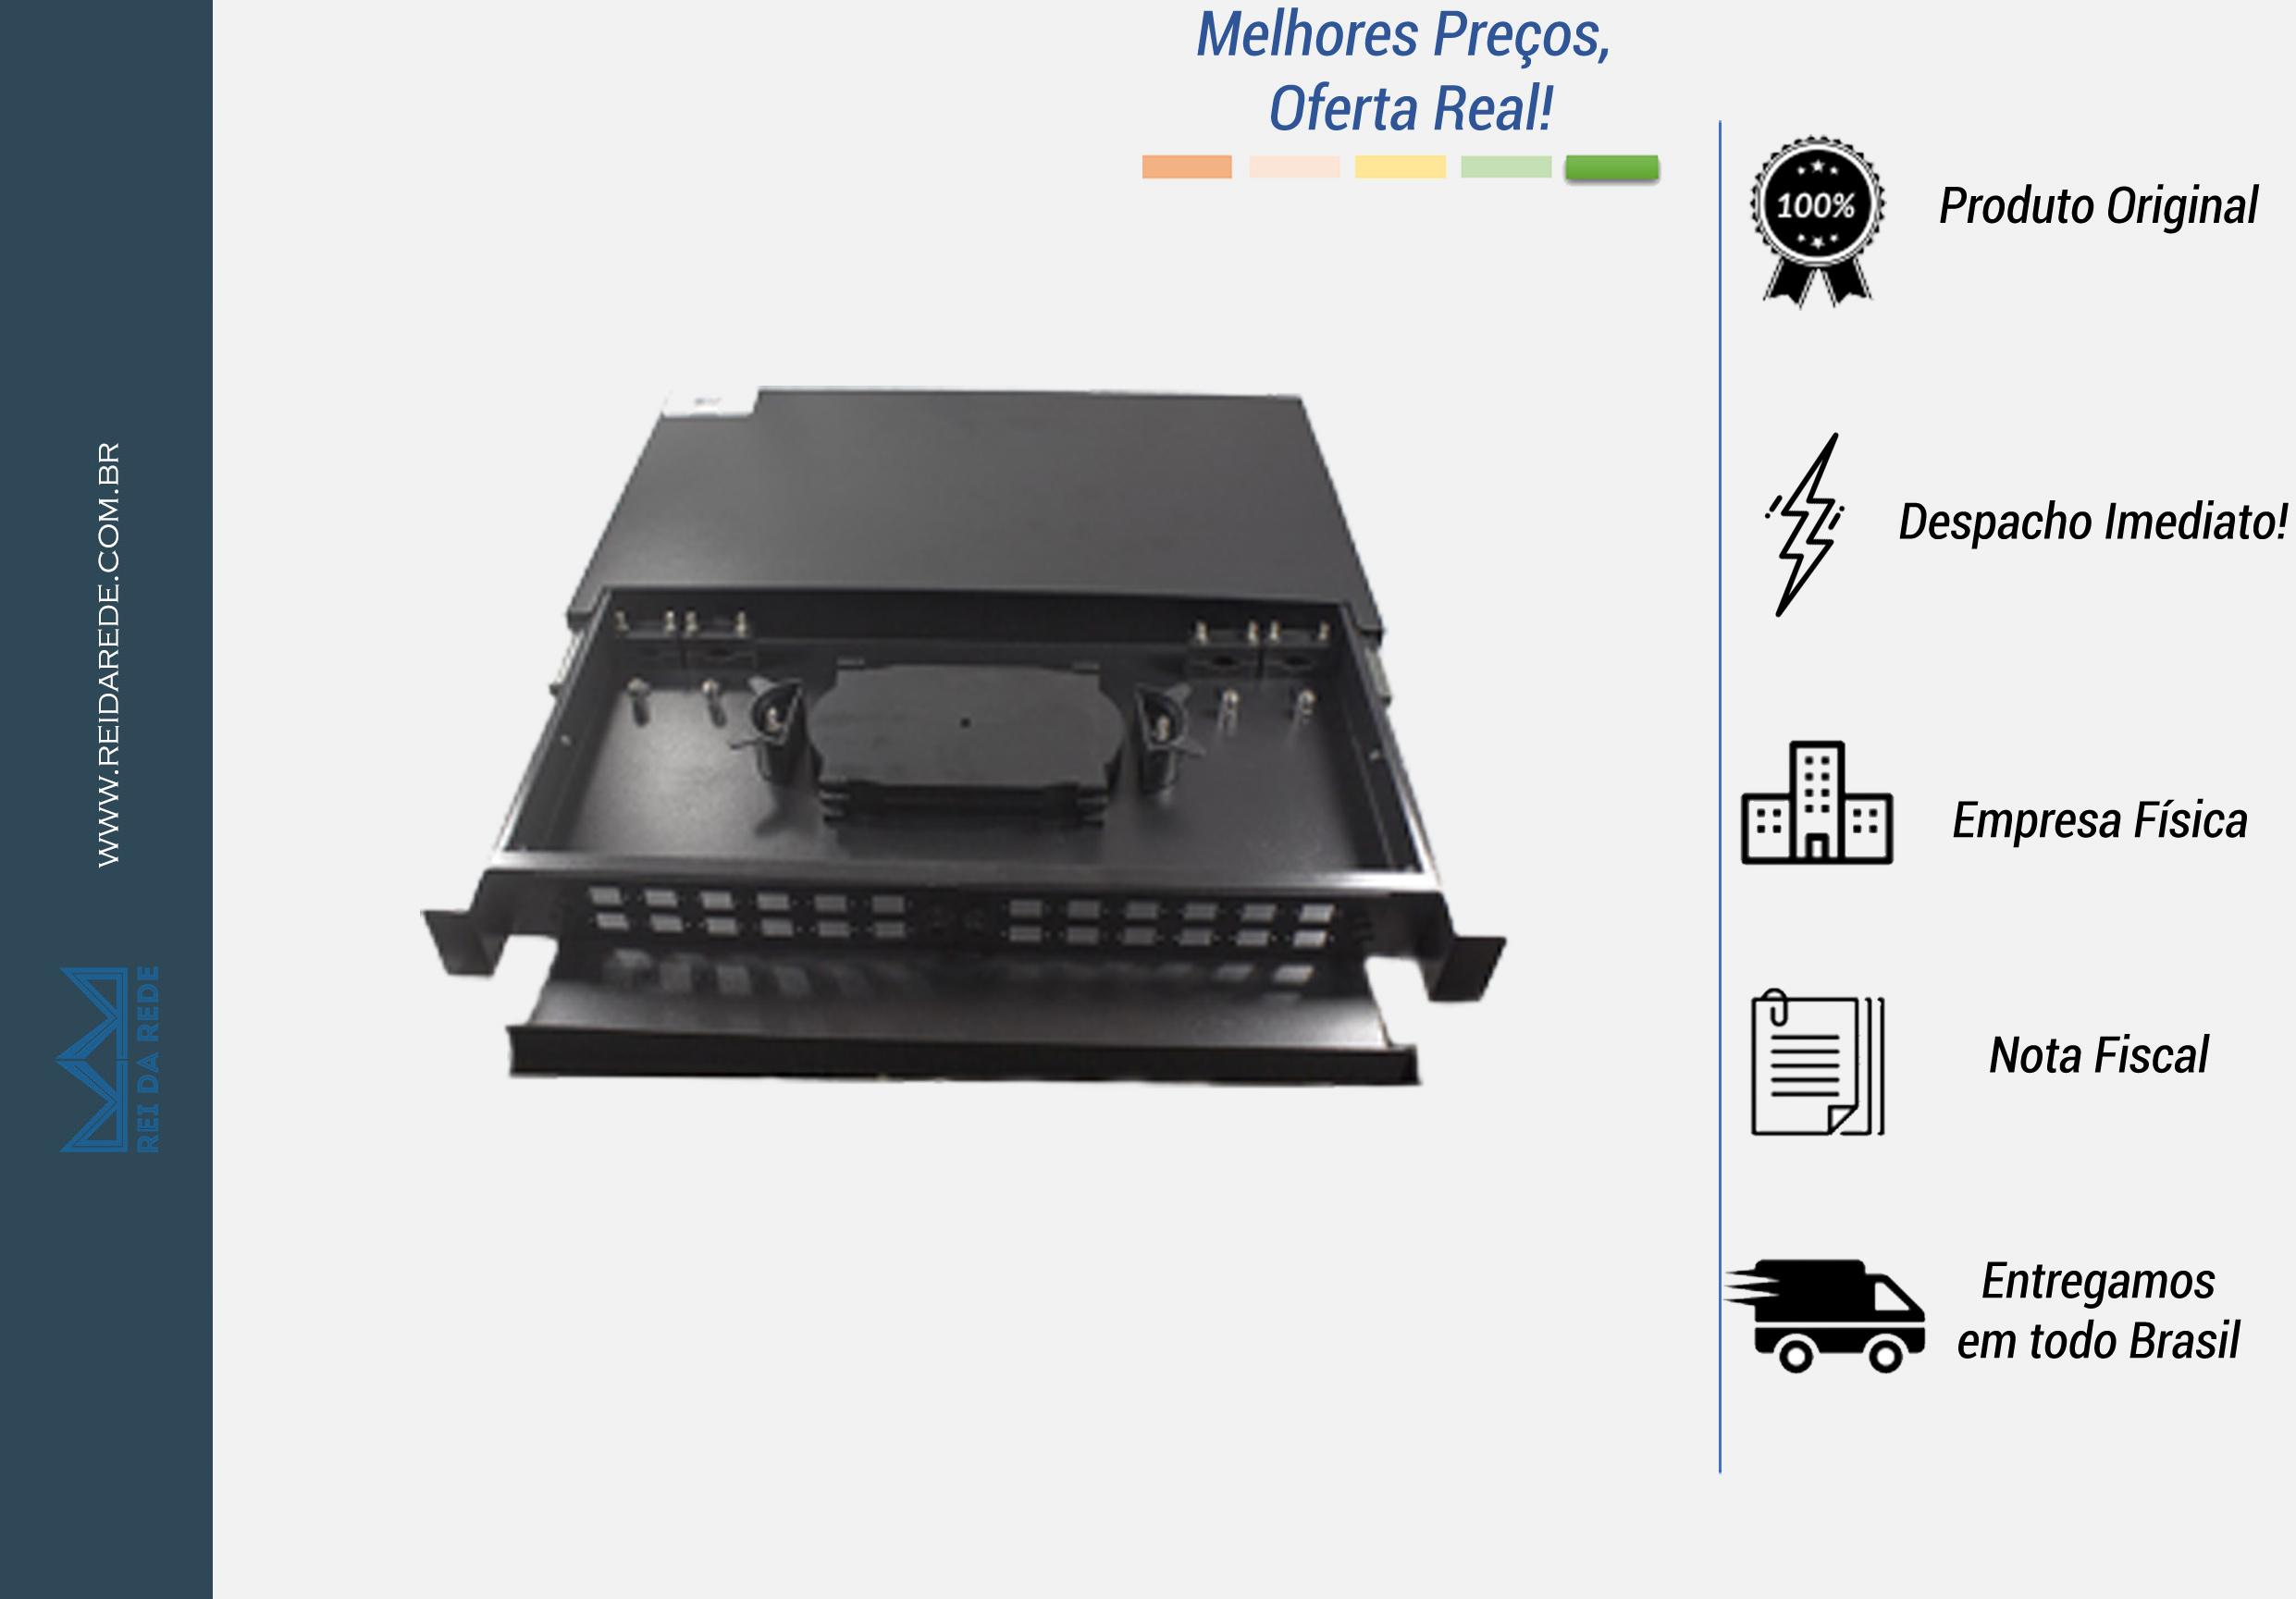 """A Caixa DIO para rack de 24 FO, padrão 19"""" é constituído de bandejas internas para até 24 emendas ópticas. Sua principal utilização é a distribuição e identificação das fibras. Possuem módulos para acomodação de emendas, protetores de fusão e abraçadeira para fixação dos cabo"""